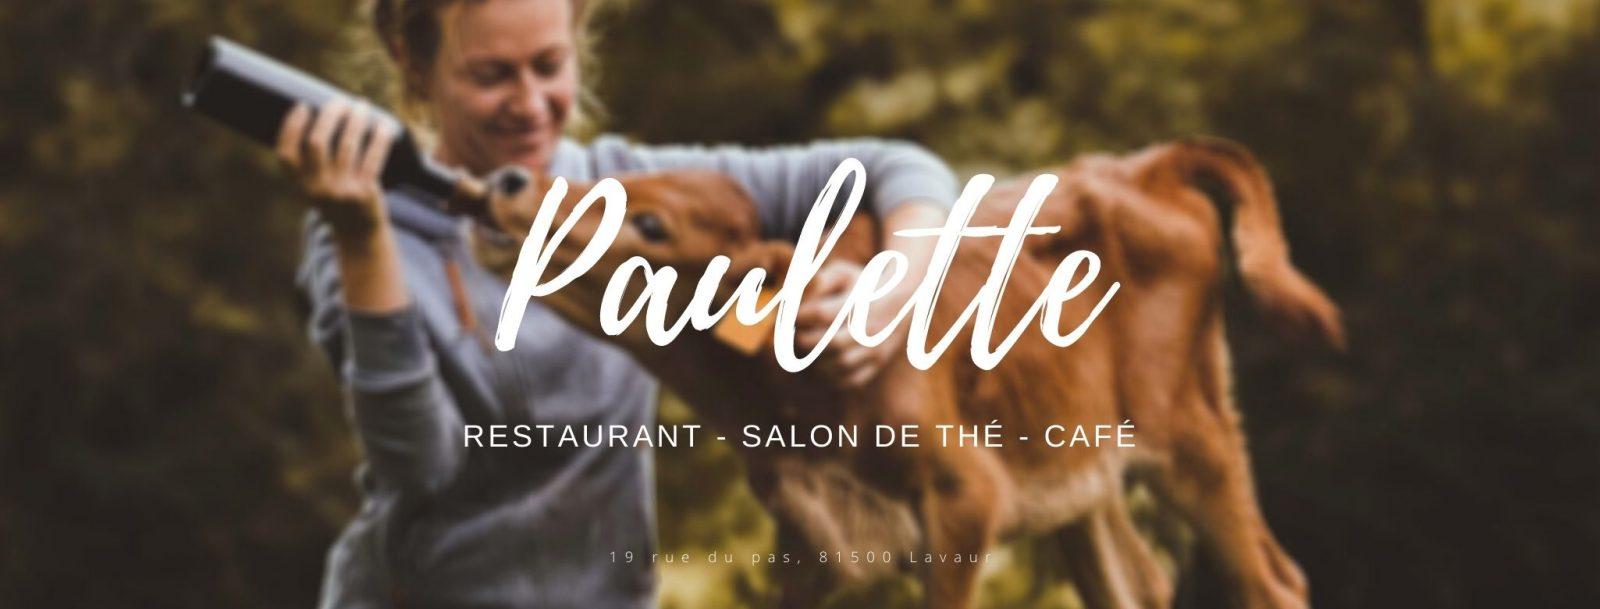 Paulette – restaurant, salon de thé et café – Lavaur